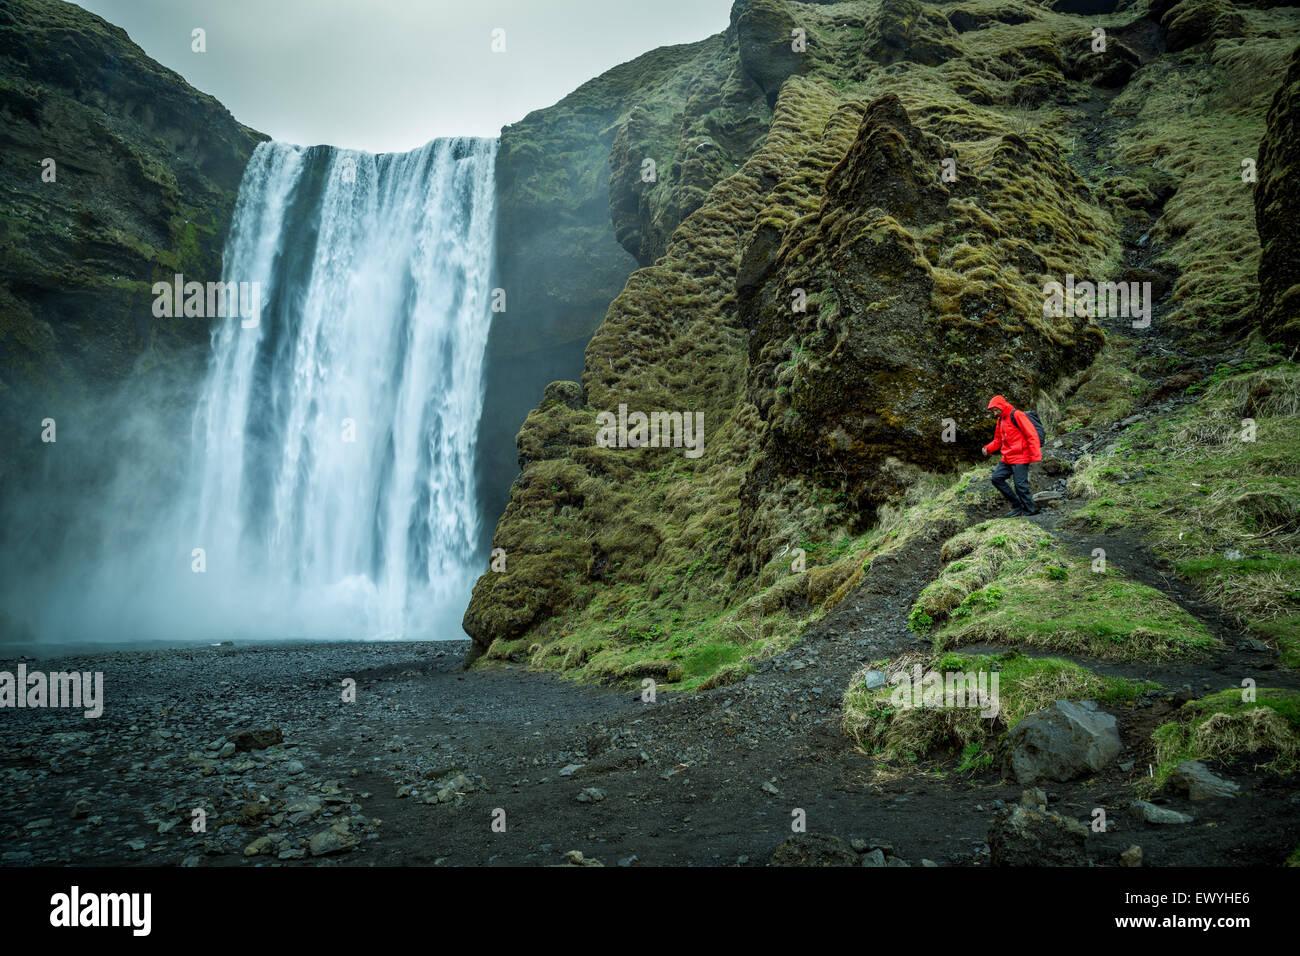 Man hiking, Skogafoss, Iceland - Stock Image